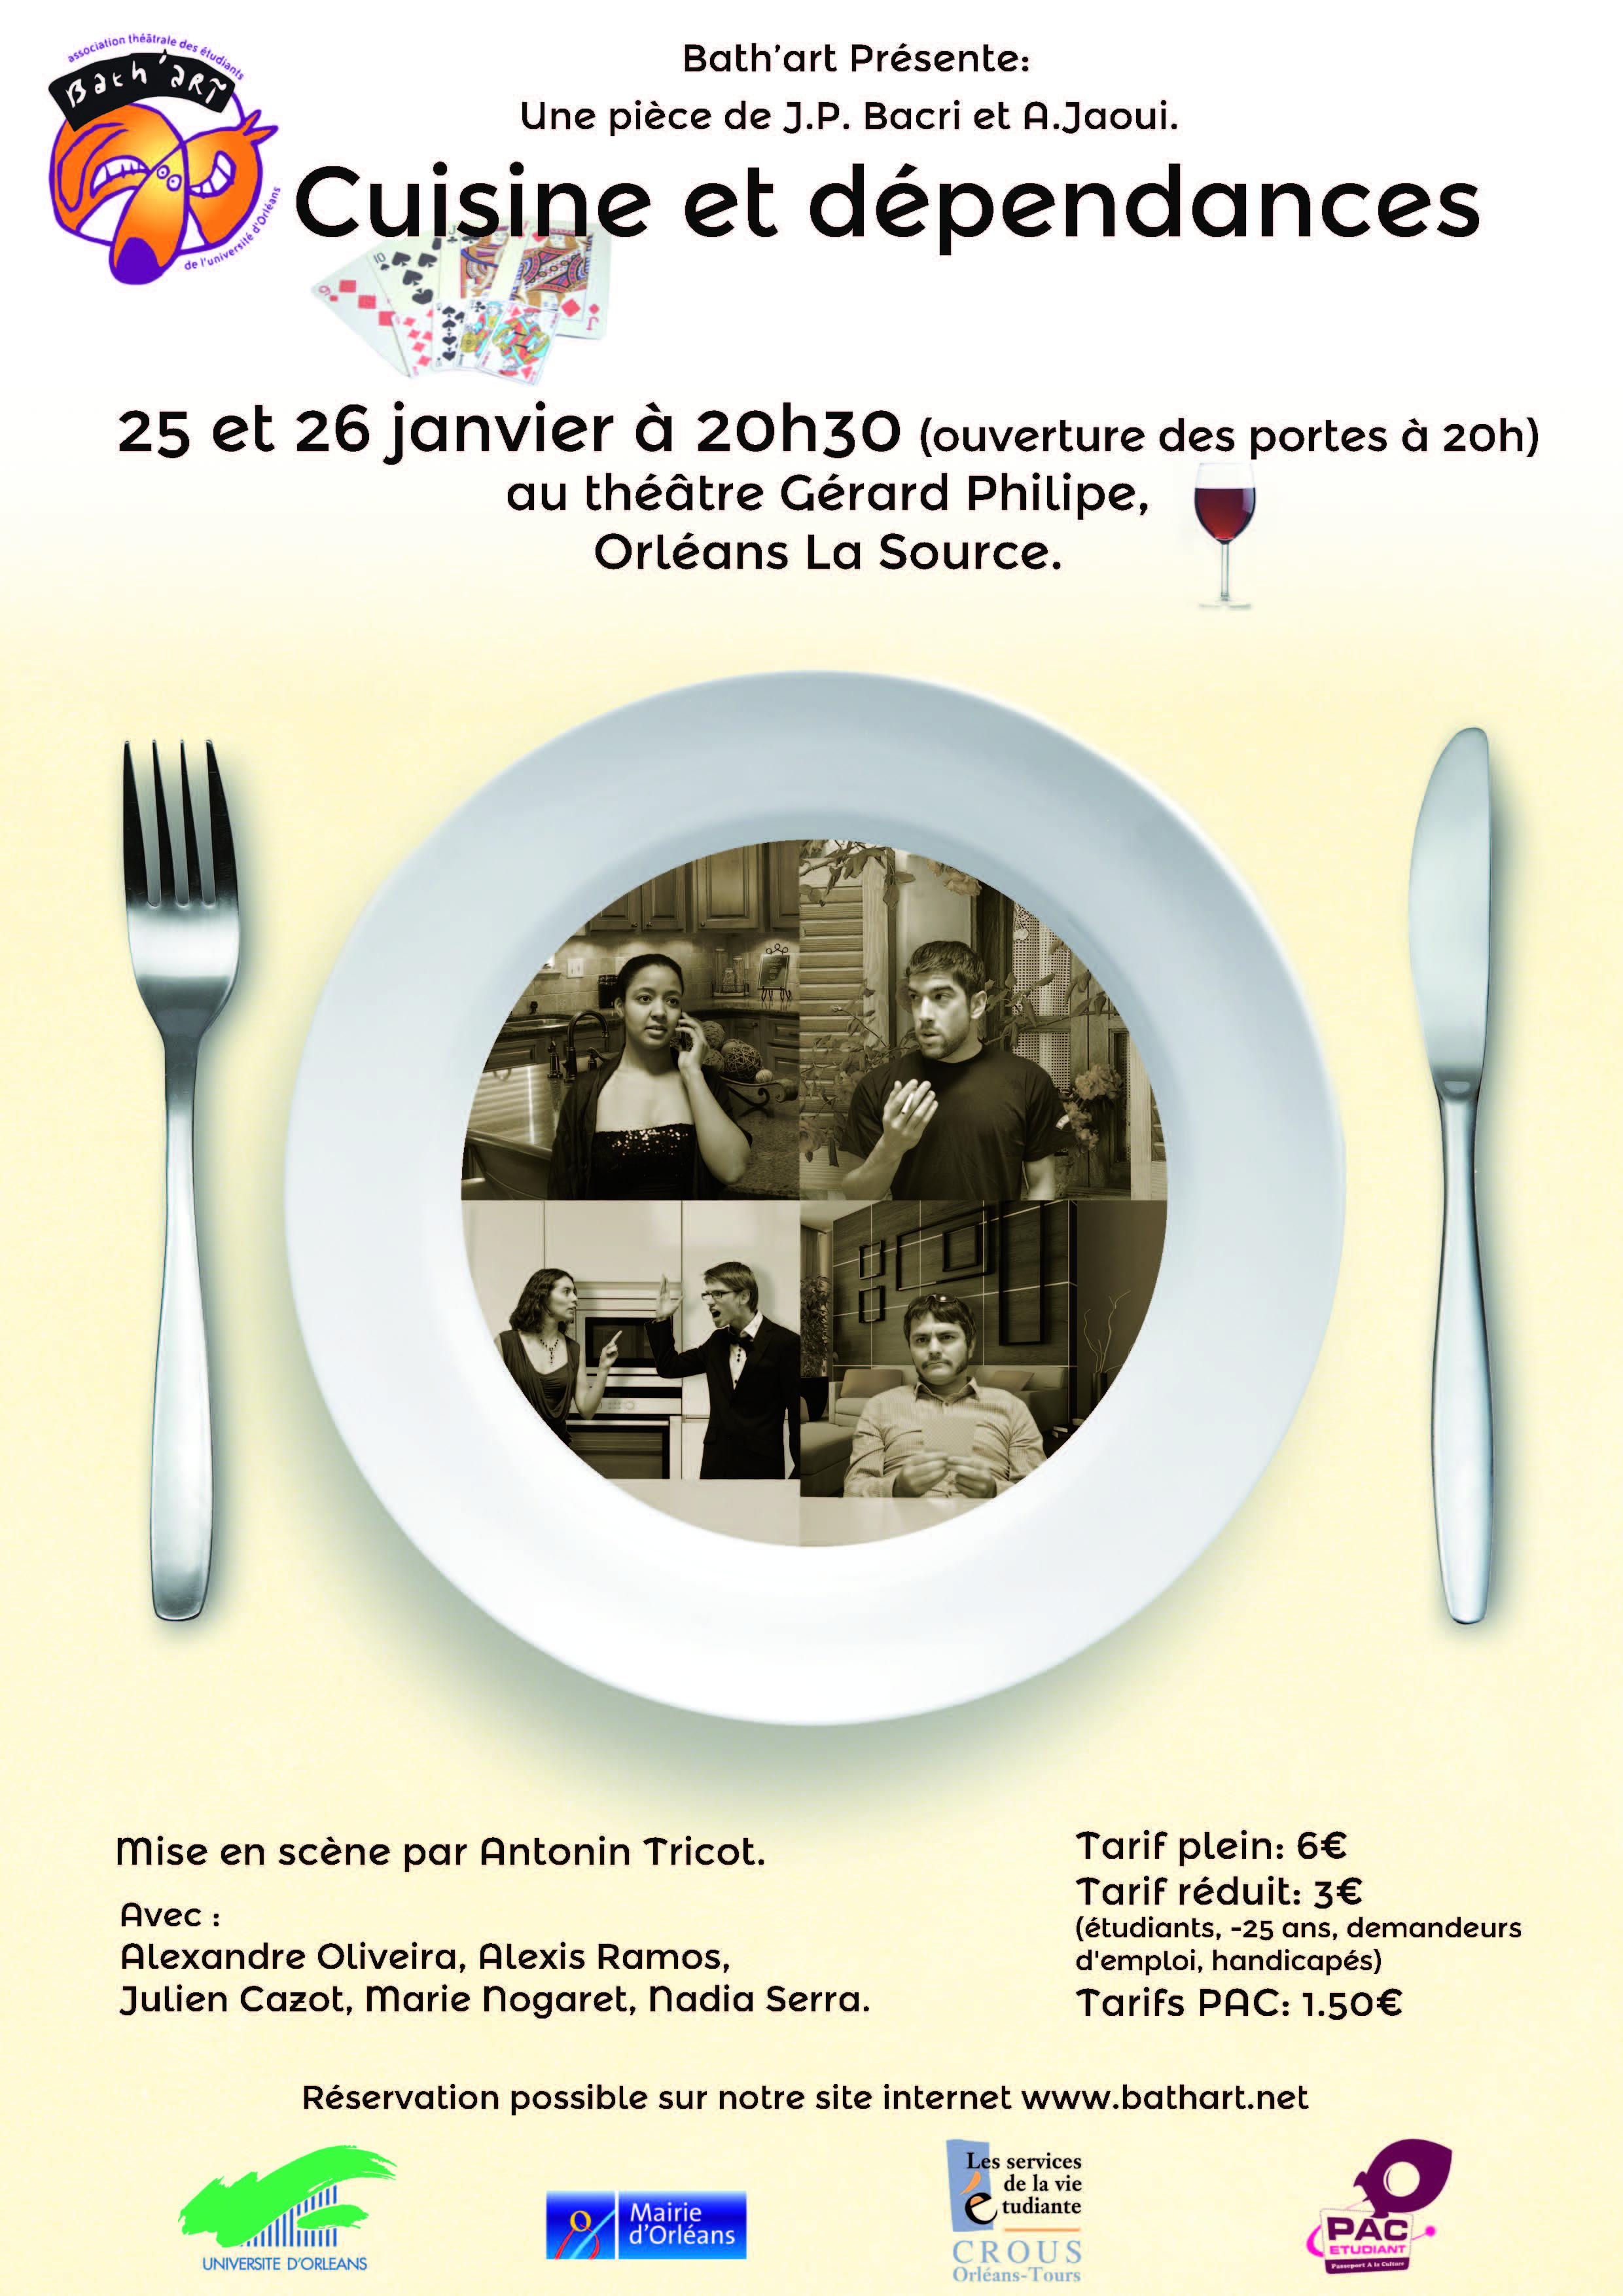 cuisine et dépendances (2013) – bath'art